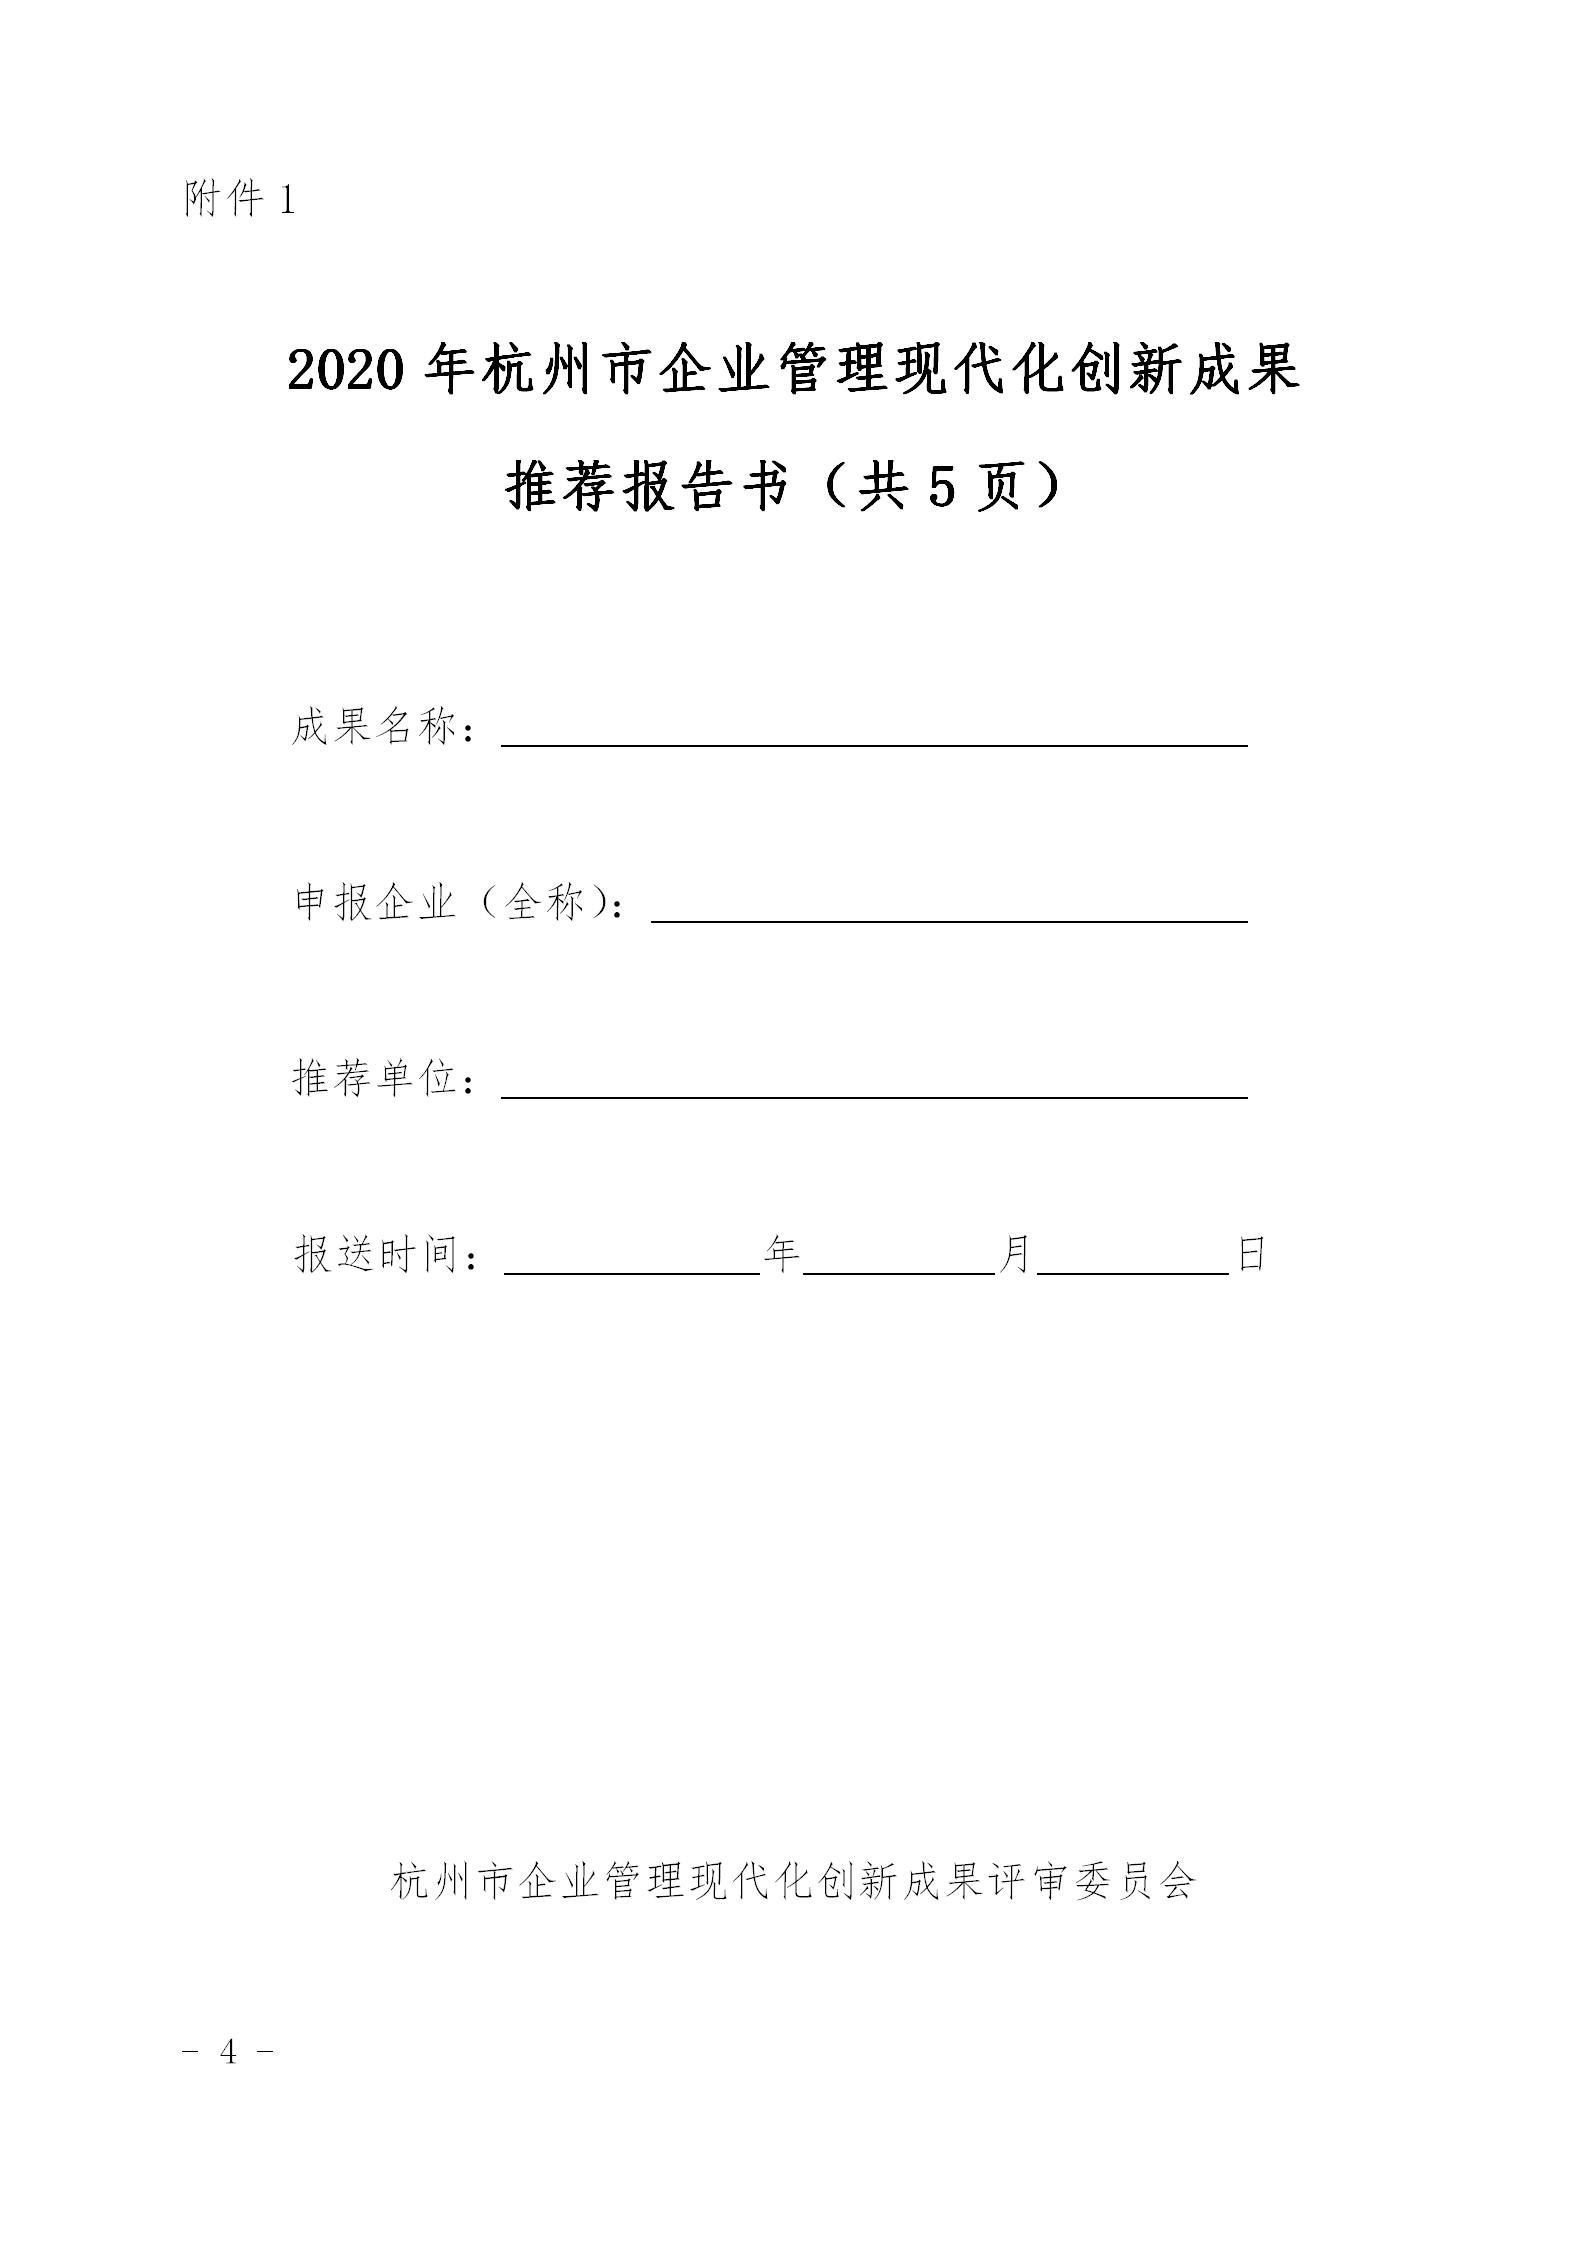 2020年杭州市企业管理现代化创新成果_04.jpg